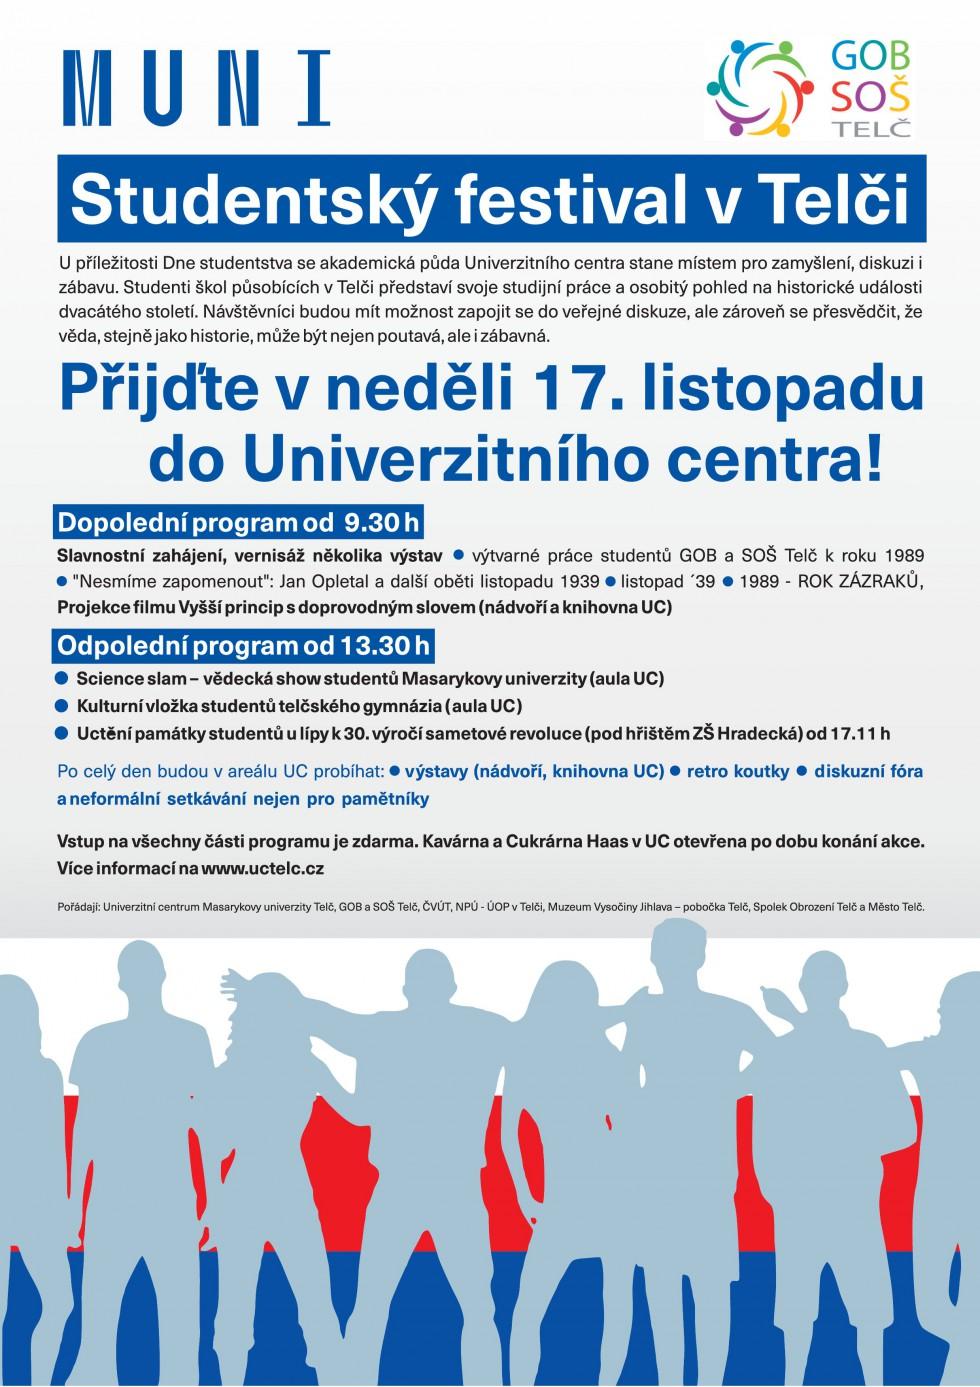 Seznámení s NLP Manažerskou akademií - Zdarma, Brno 22.4.